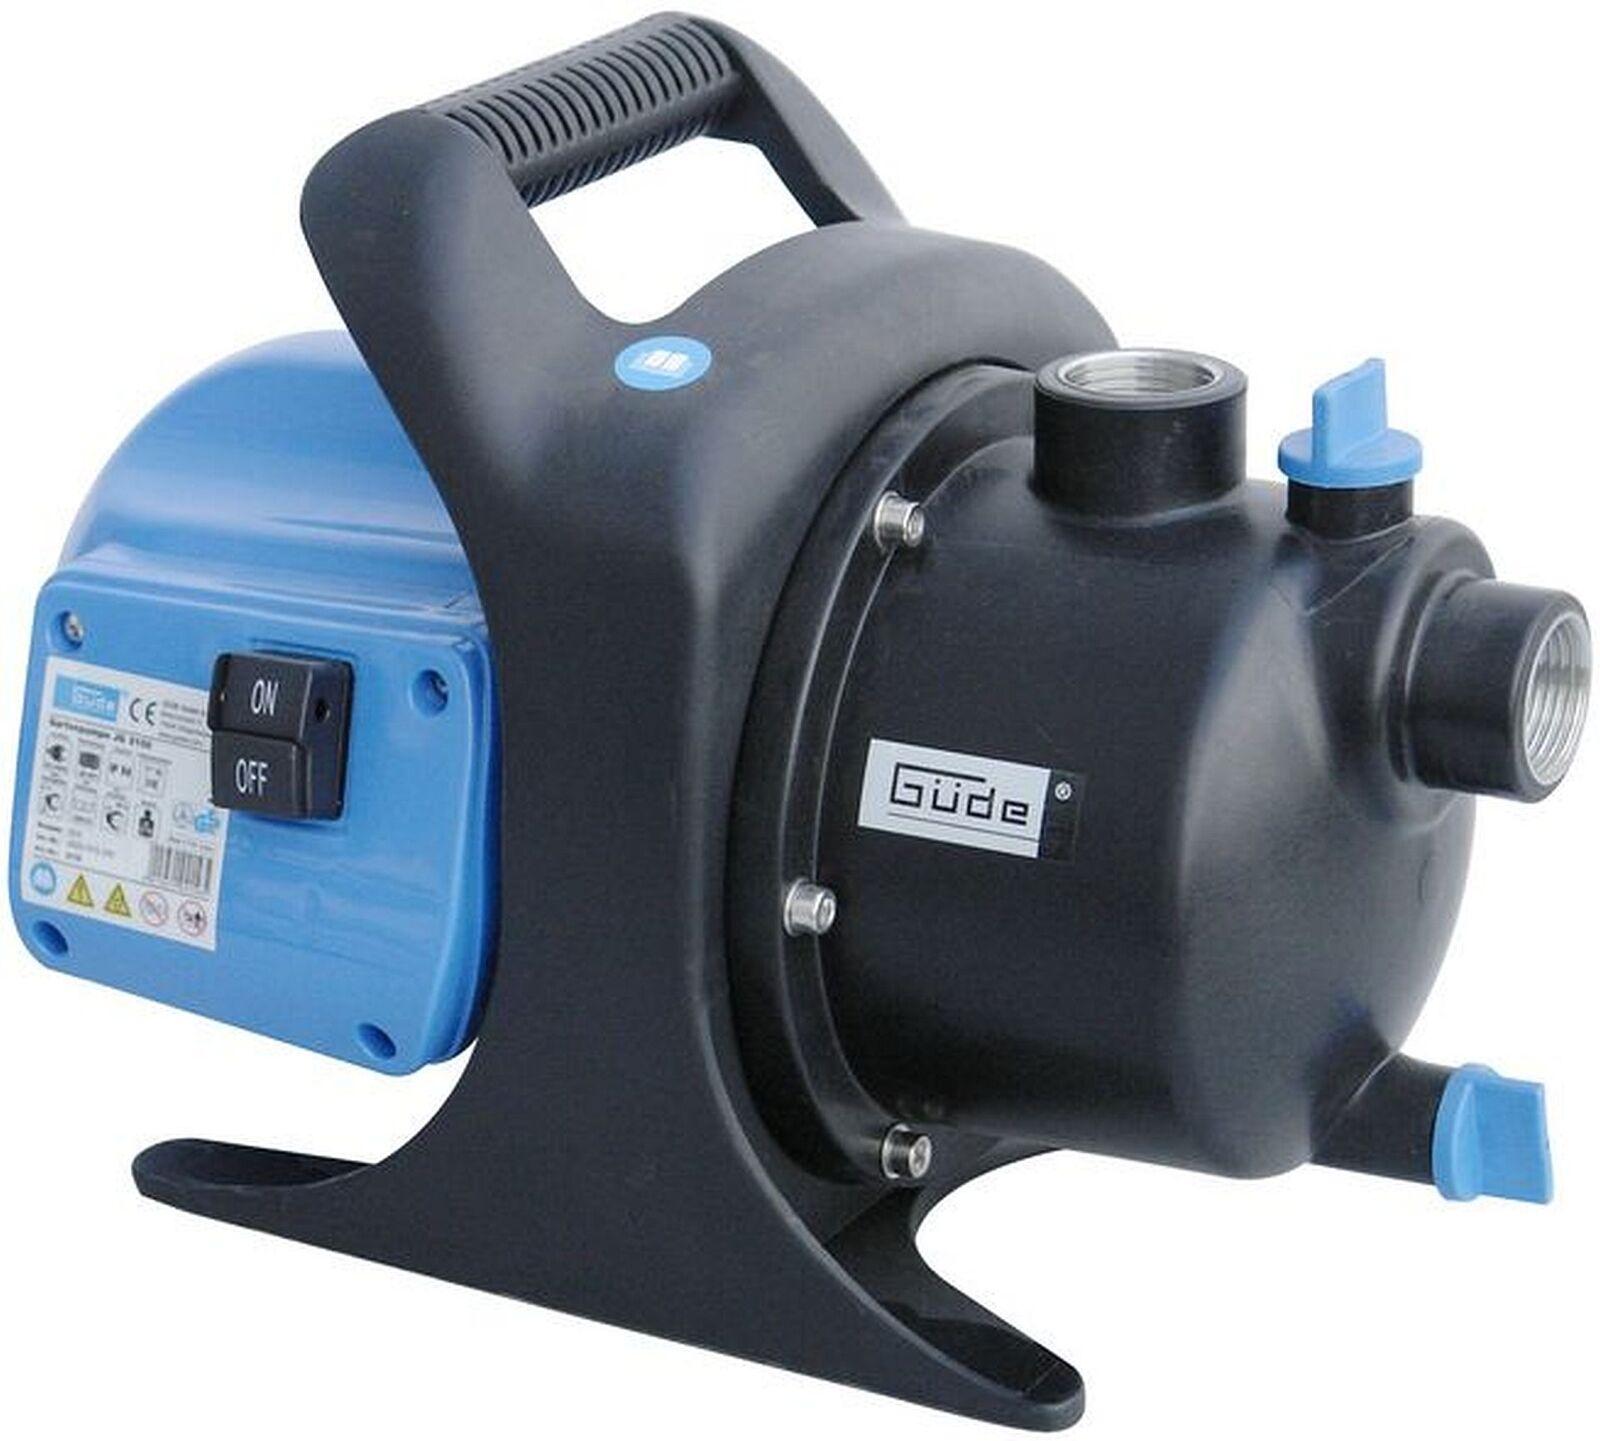 gÜde jg 3100 wasserpumpe gartenpumpe teichpumpe pumpe